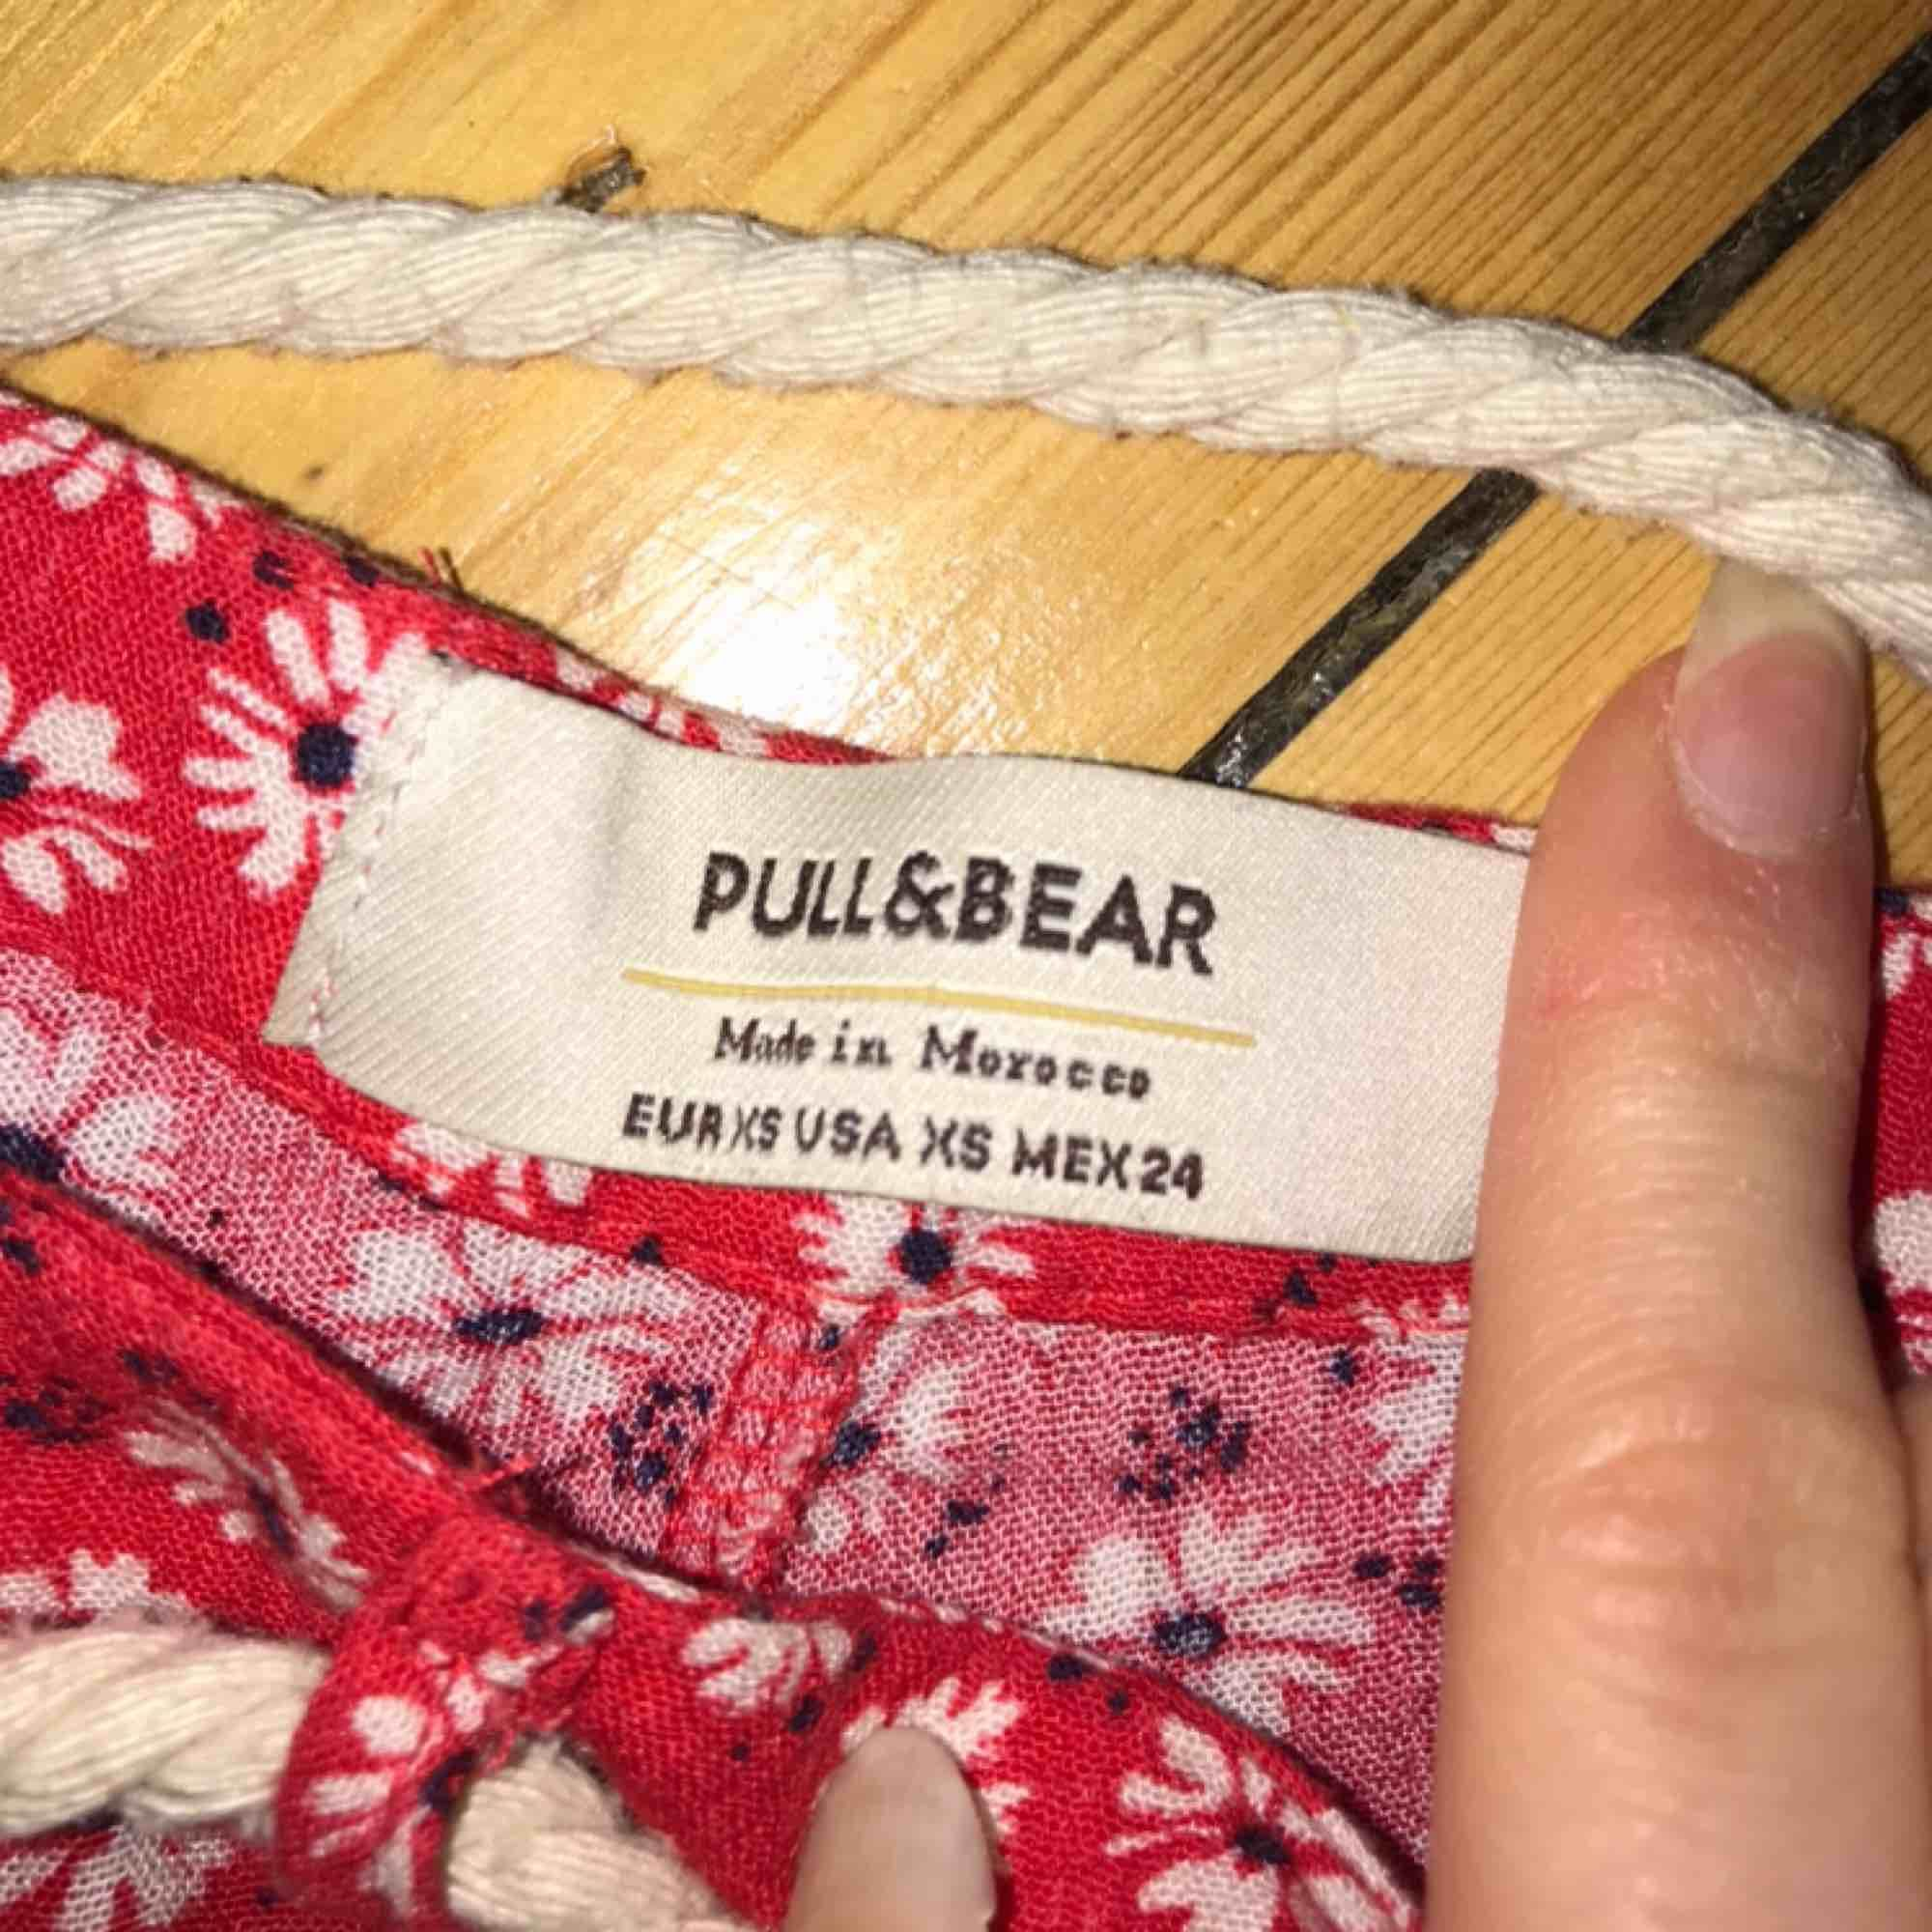 Blommiga shorts köpa i Portugal från Pull & Bear. Skärpet kan tas av ✨. Shorts.